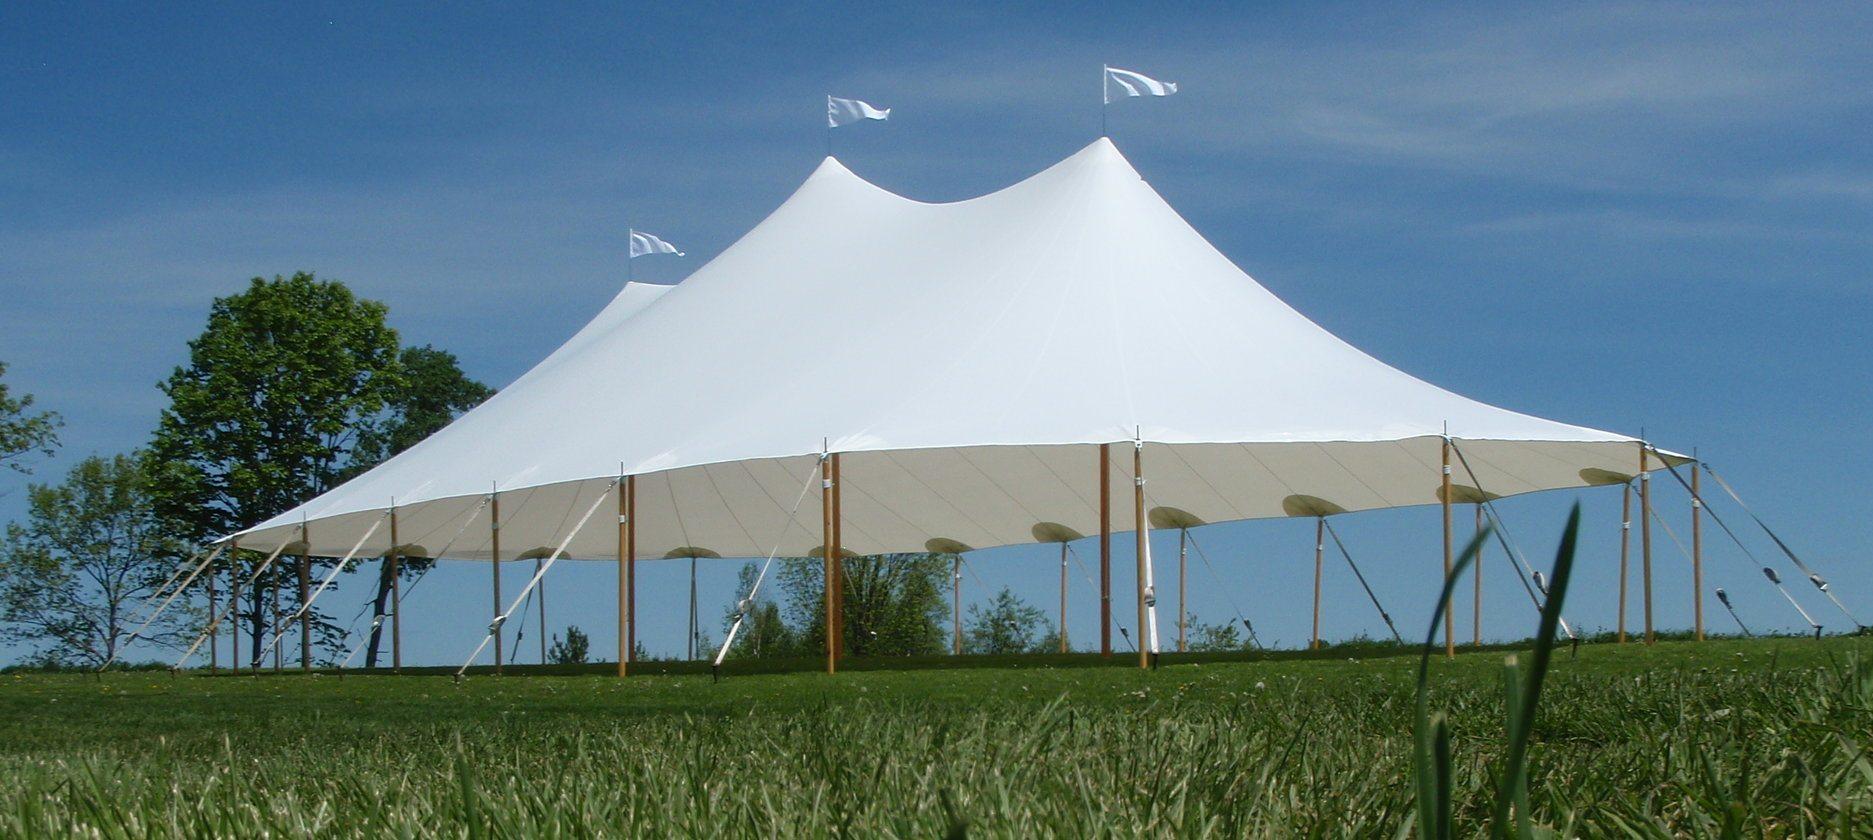 32 X60 Sailcloth Ocean Tents